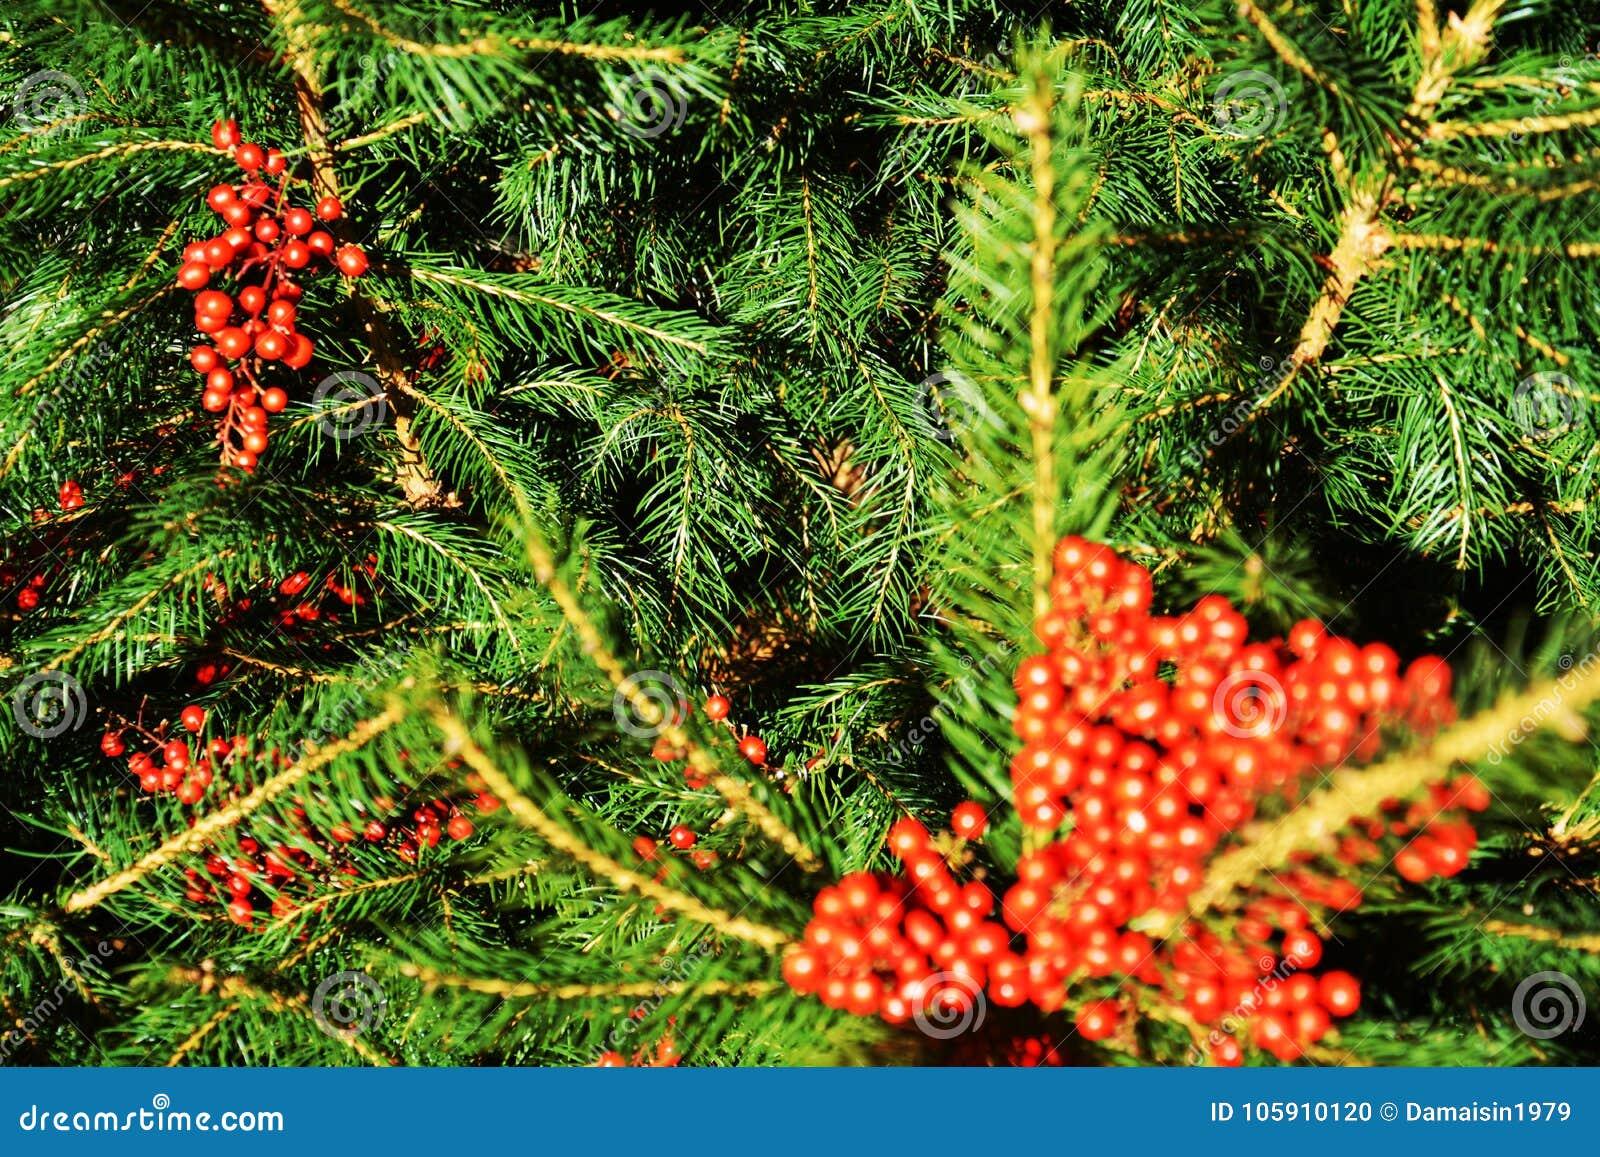 Fiori Di Rosso Arancio Di Inverno E Foglie Verdi Verdi Sfondo